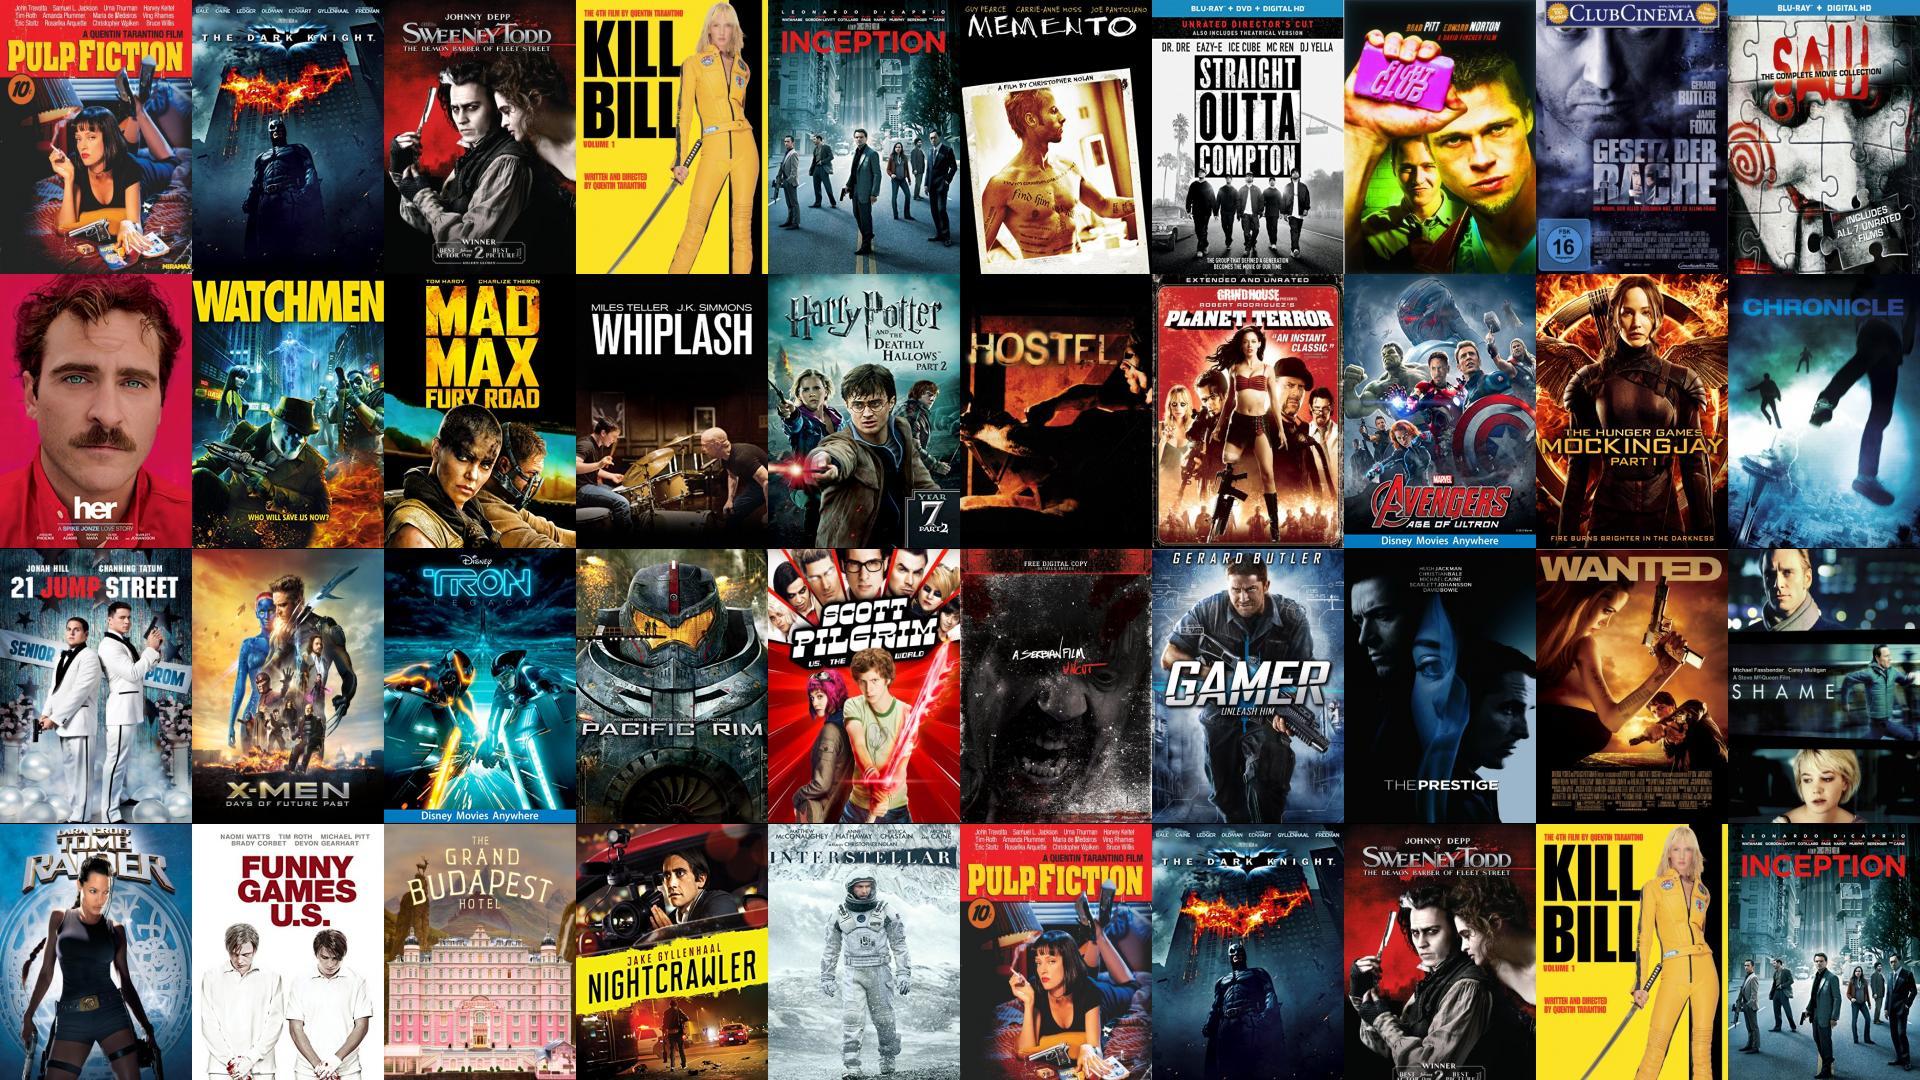 Pulp Fiction Dark Knight Sweeney Todd Kill Bill Wallpaper Tiled